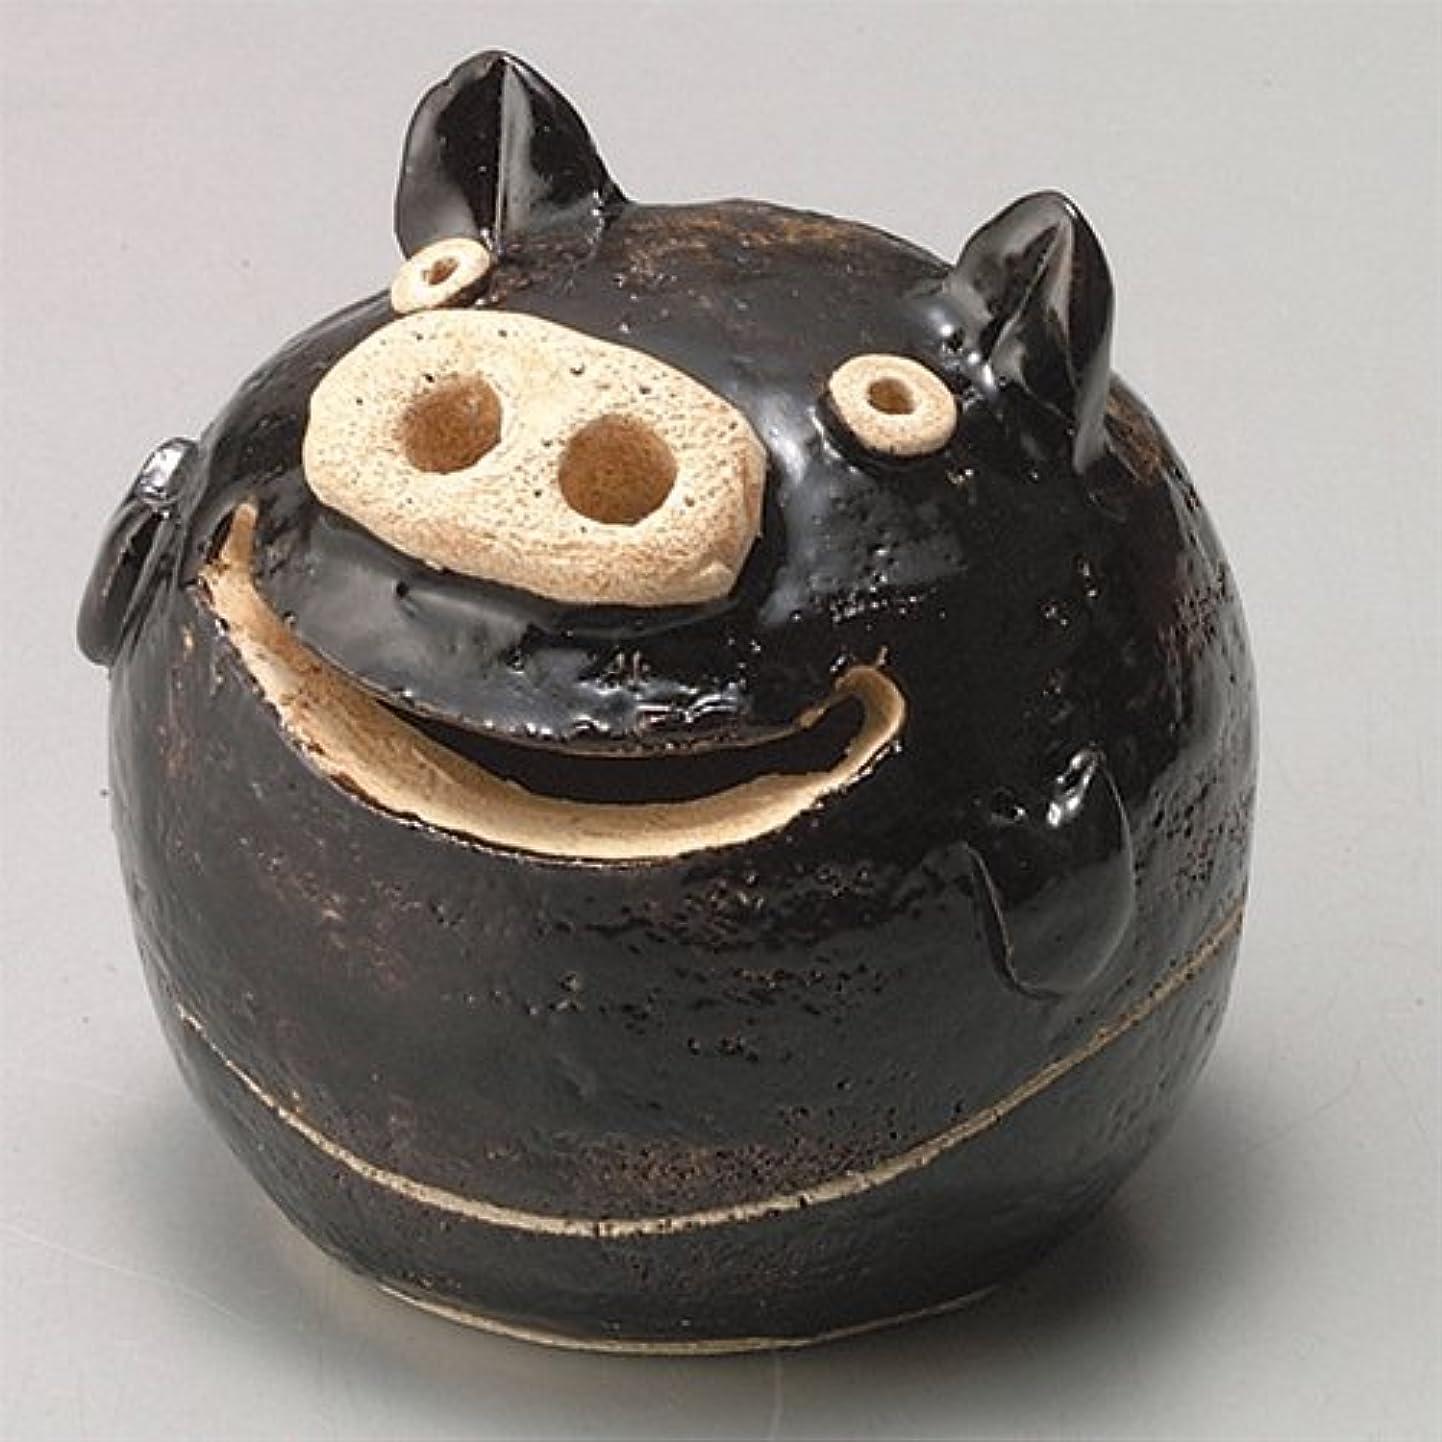 不機嫌続ける割り当てる香炉 ぶた君 香炉(黒) [H9cm] HANDMADE プレゼント ギフト 和食器 かわいい インテリア